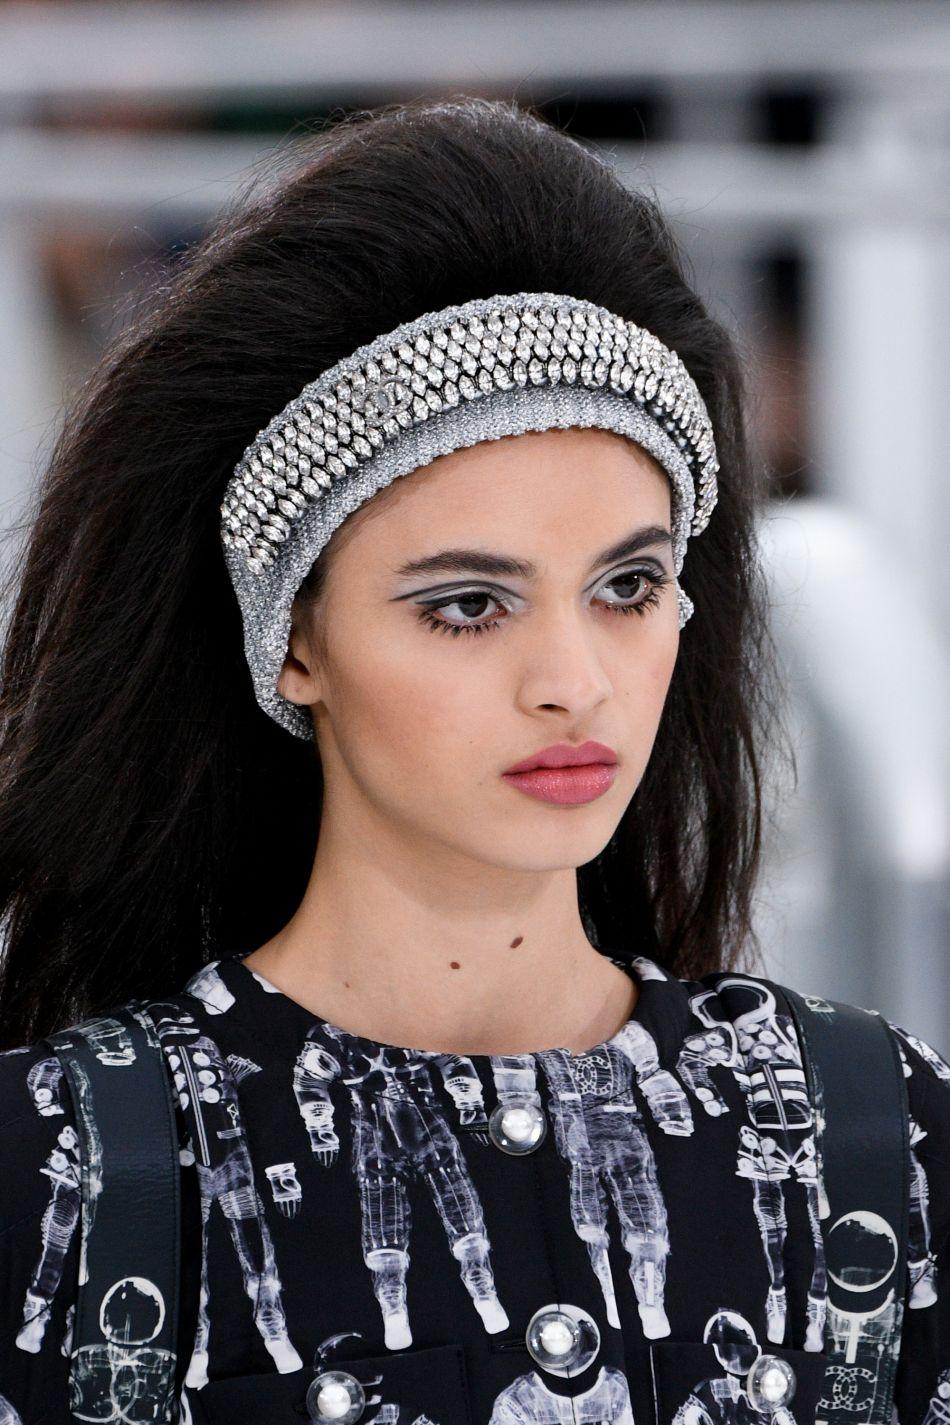 Le maxi headband est l'accessoire phare de cette collection.